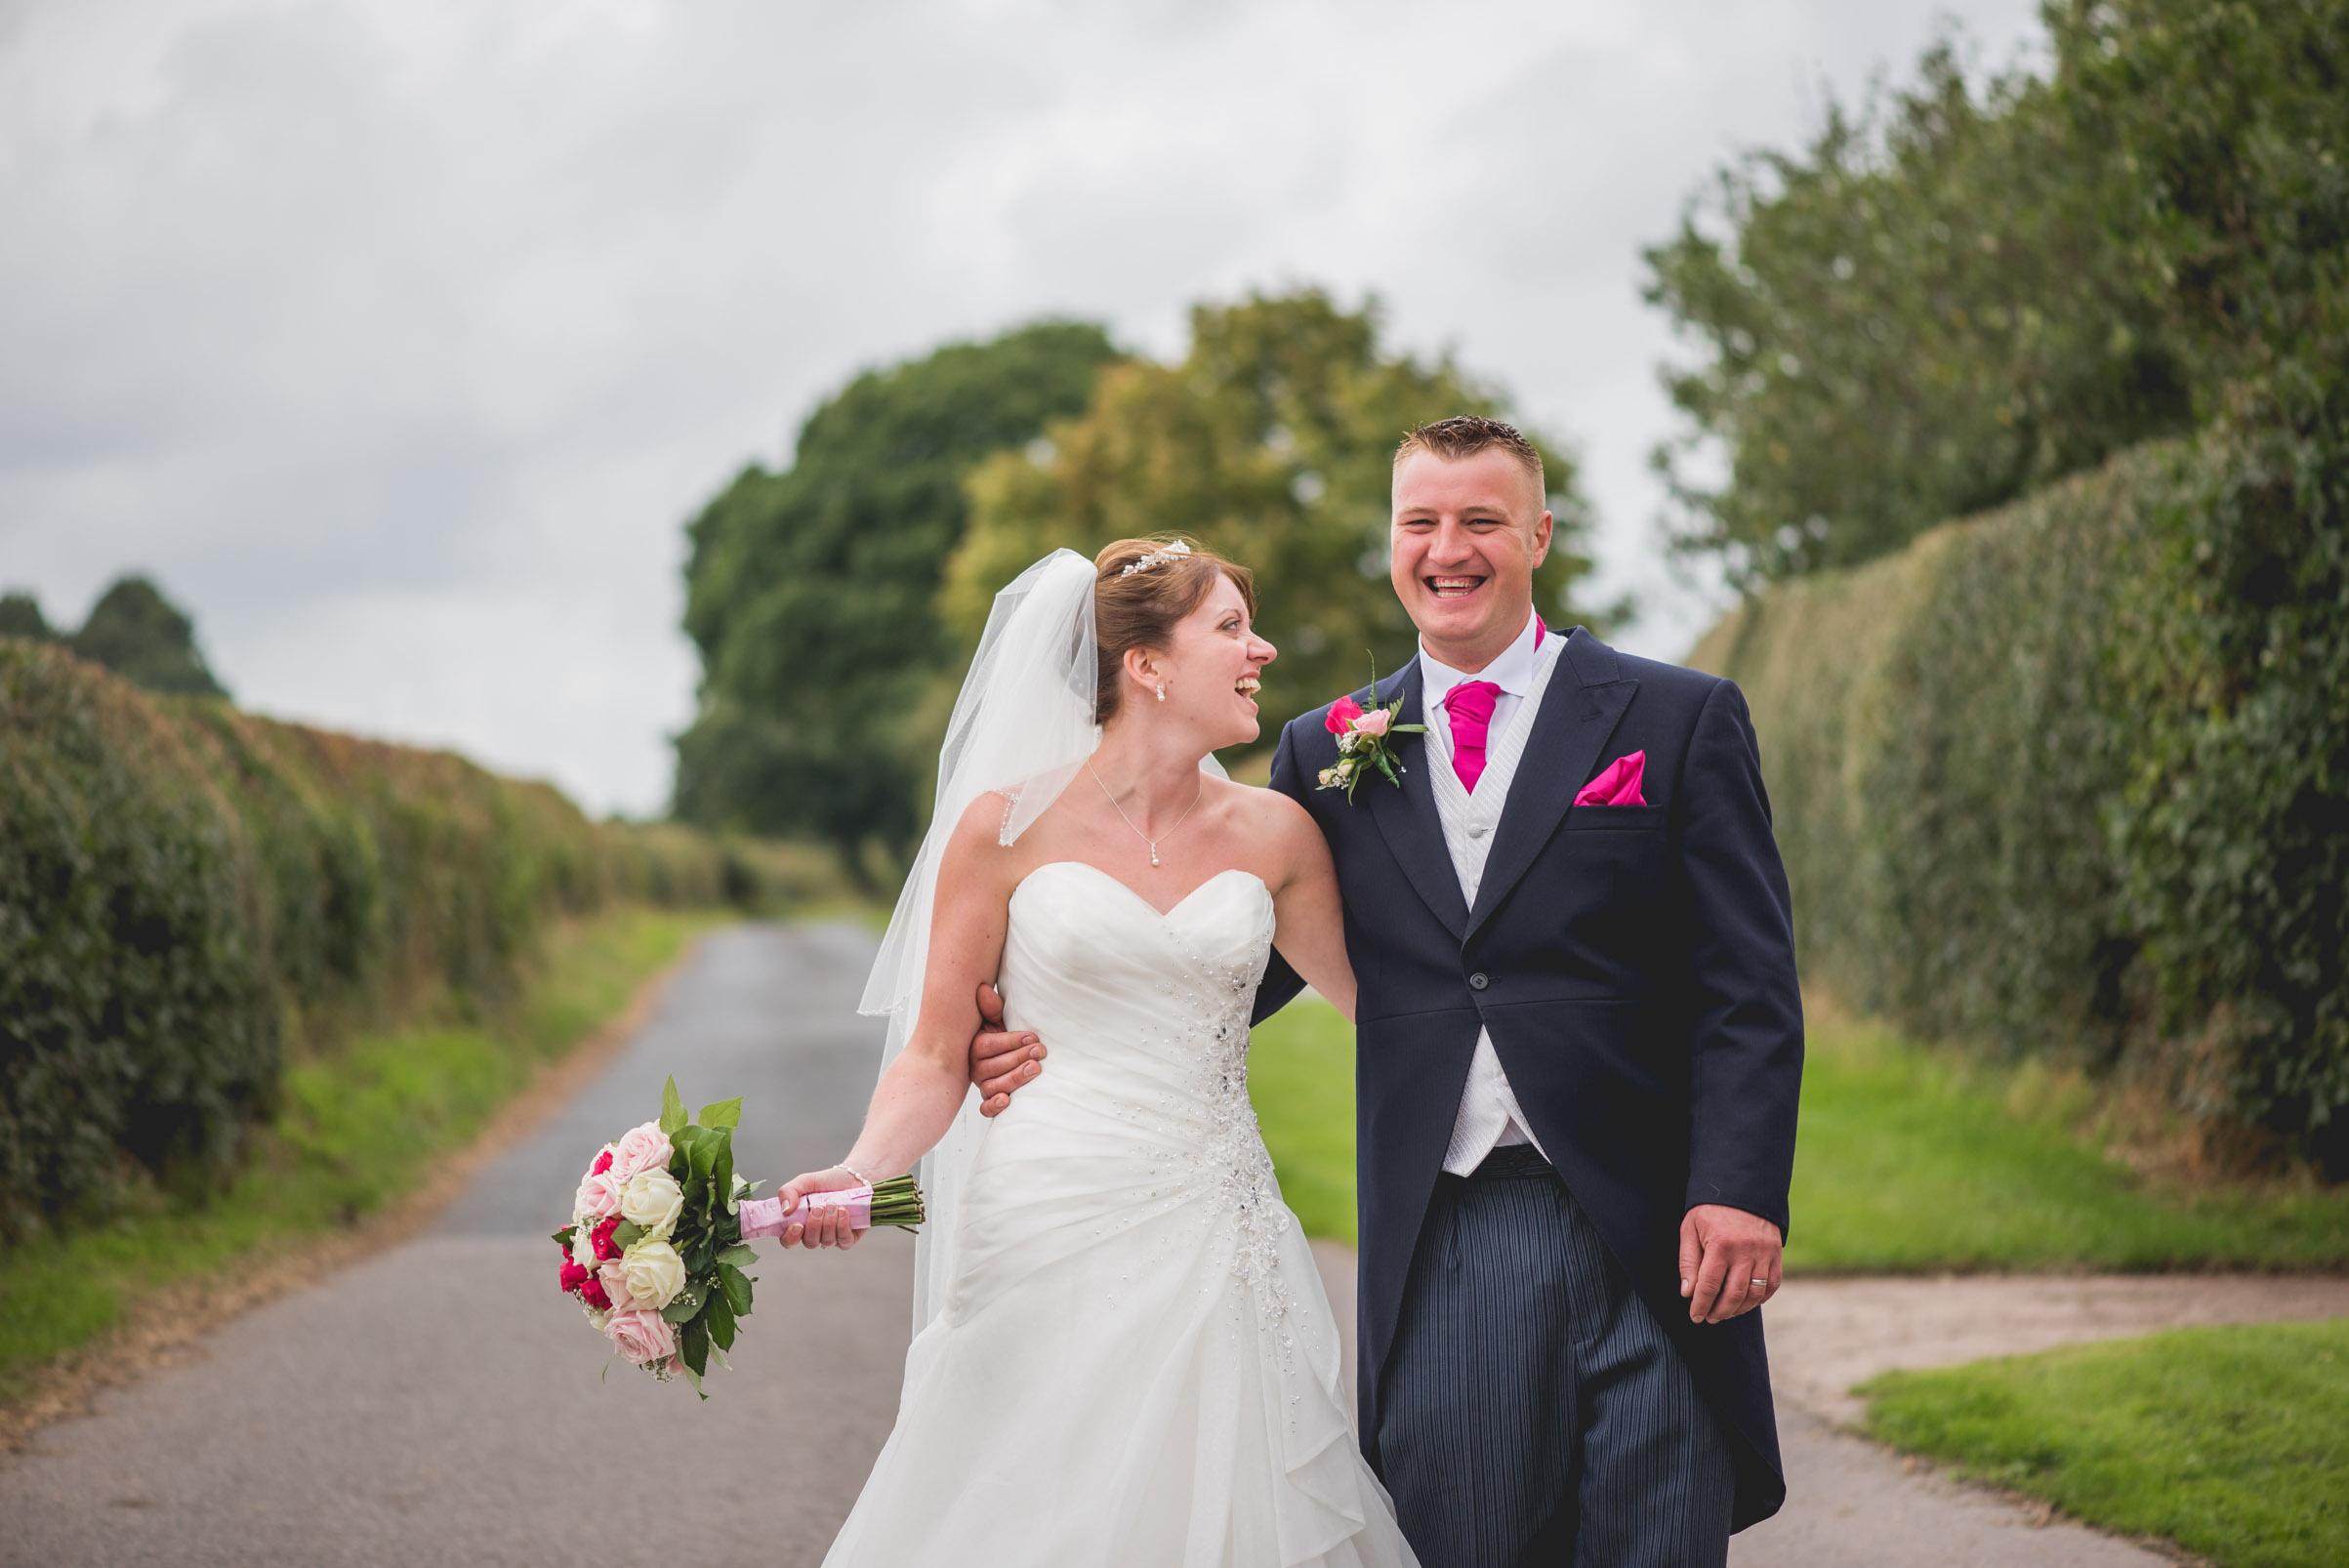 Farm-wedding-staffordshire-st-marys-catholic-church-uttoxter-75.jpg